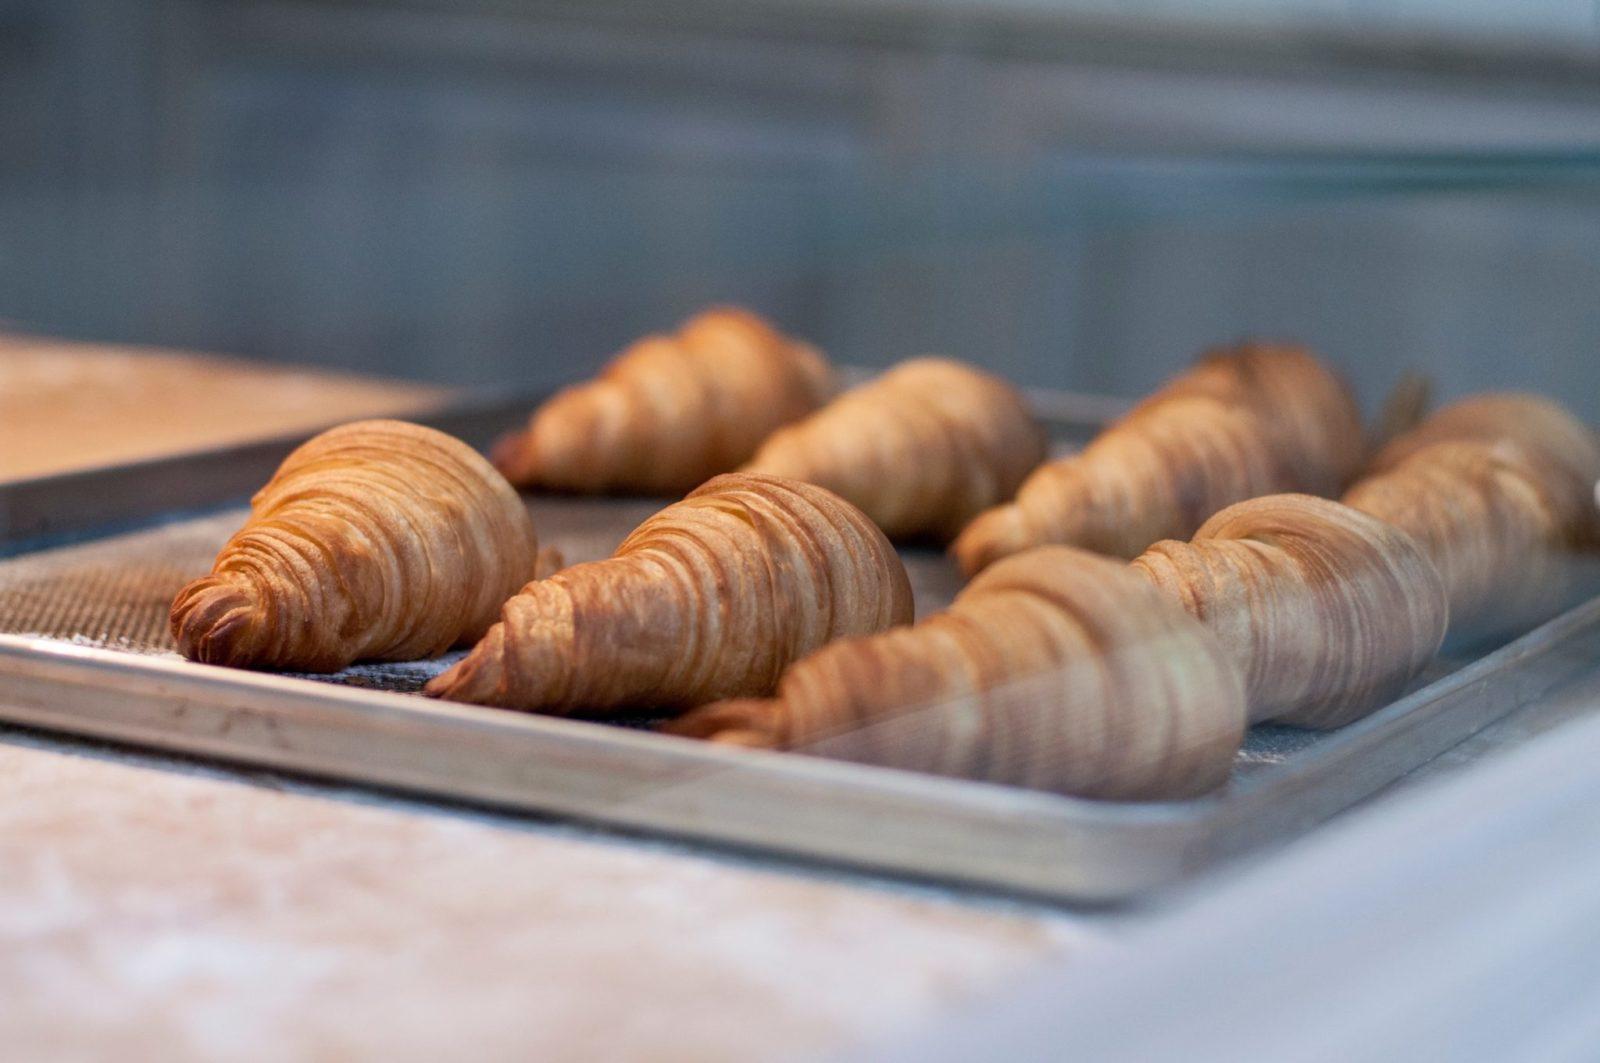 najlepszego croissanta